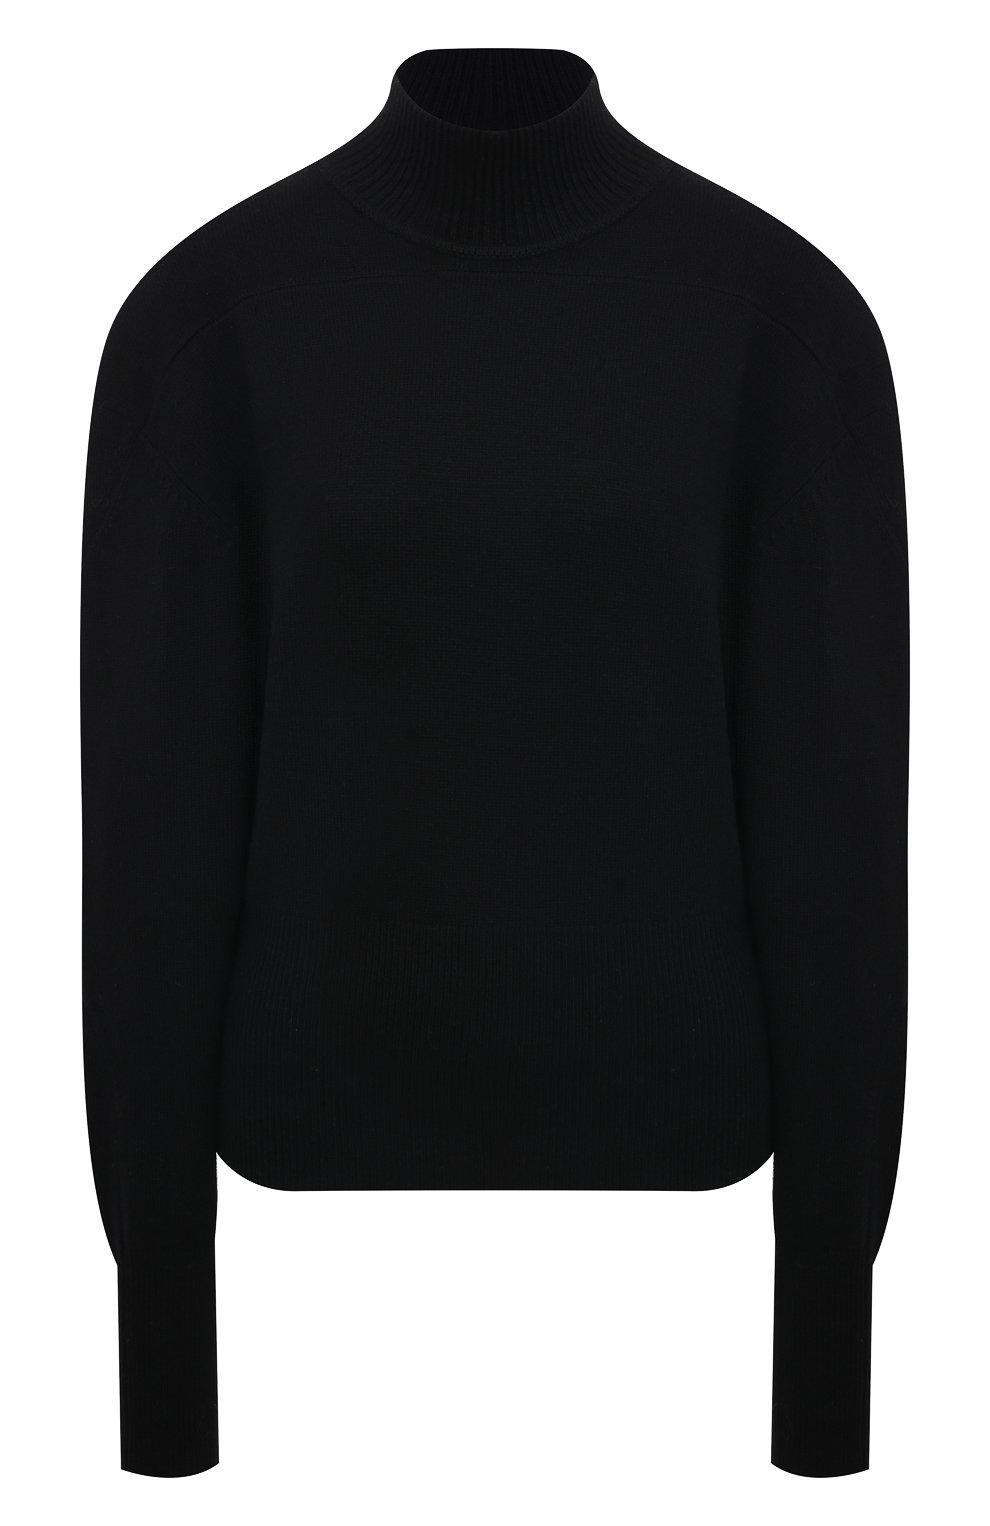 Женский кашемировый свитер PROENZA SCHOULER черного цвета, арт. R2117577-KK020 | Фото 1 (Женское Кросс-КТ: Свитер-одежда; Материал внешний: Шерсть, Кашемир; Рукава: Длинные; Длина (для топов): Стандартные; Стили: Кэжуэл)